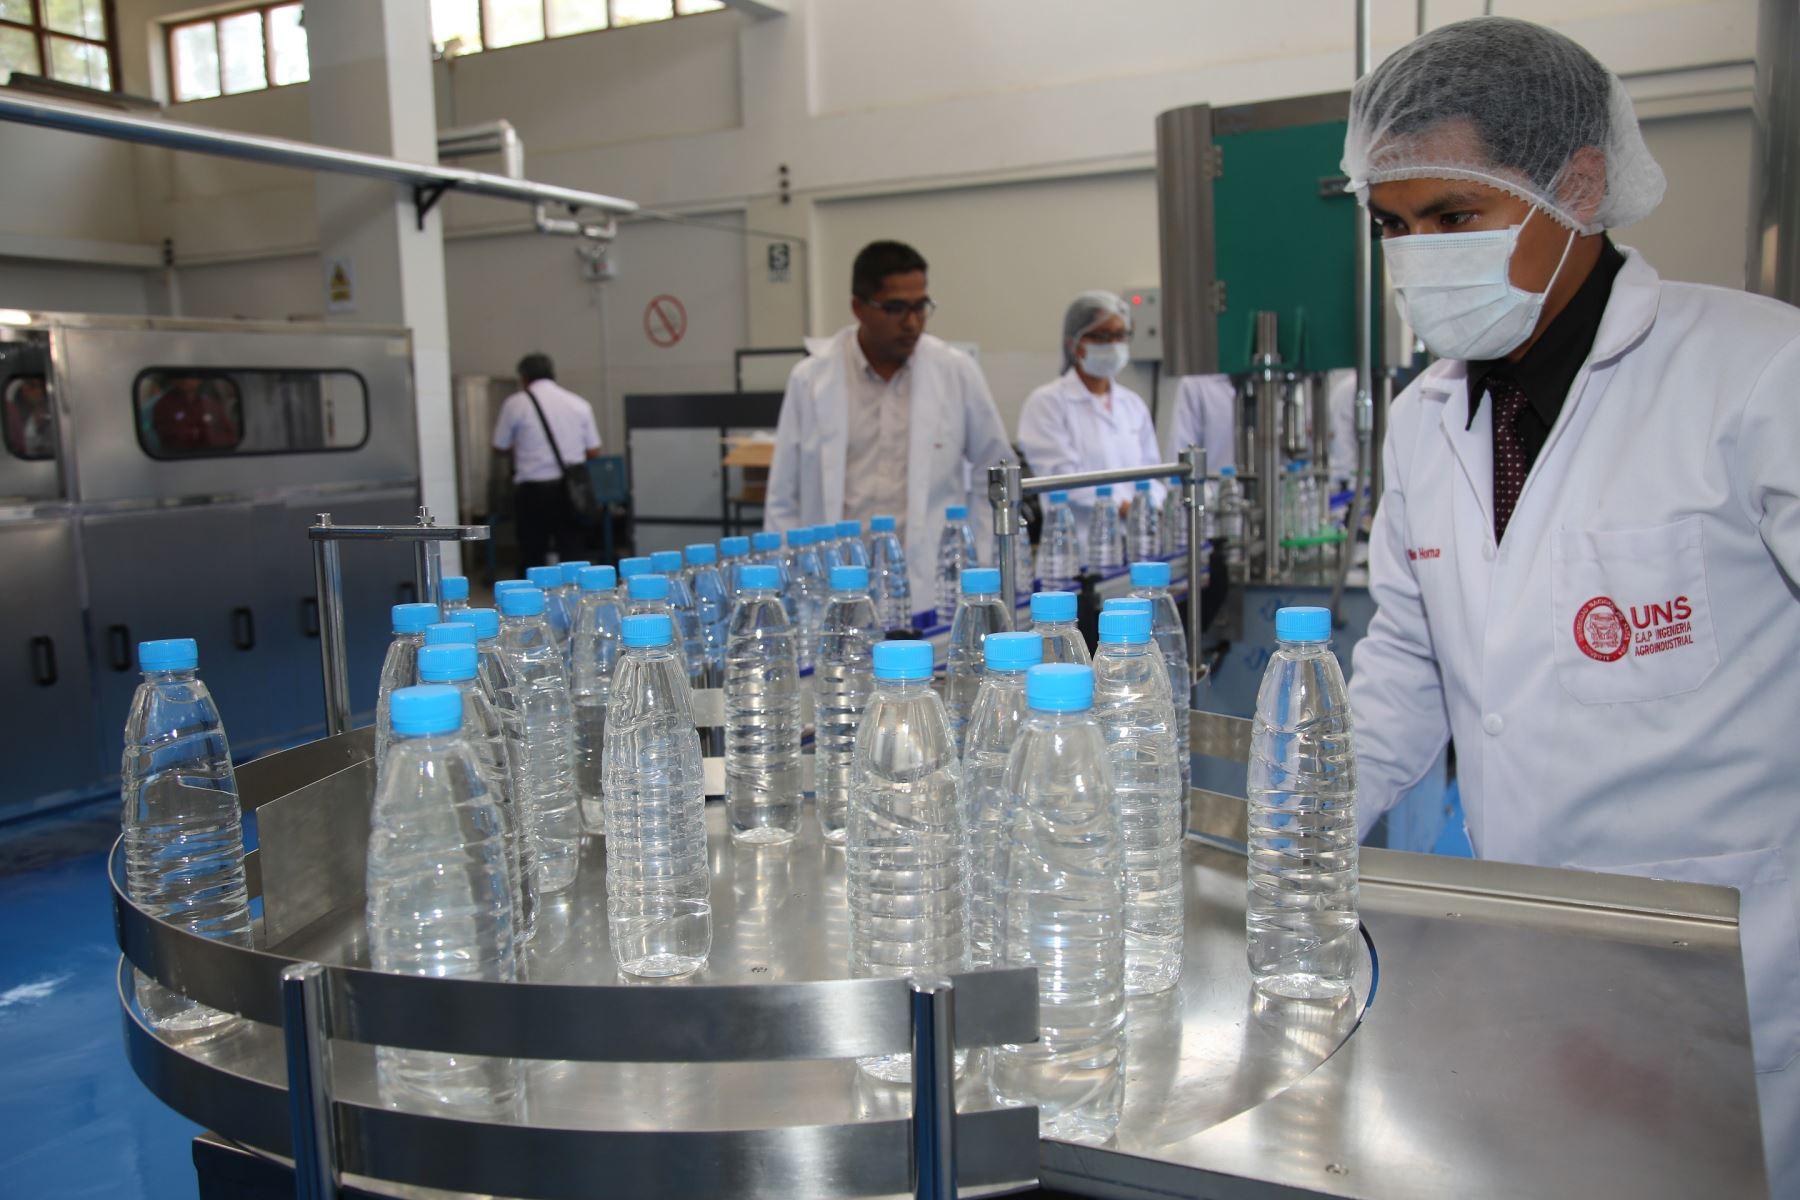 En la planta piloto de la Escuela de Ingeniería Agroindustrial de la UNS se instalaron equipos para purificar el agua de consumo humano.